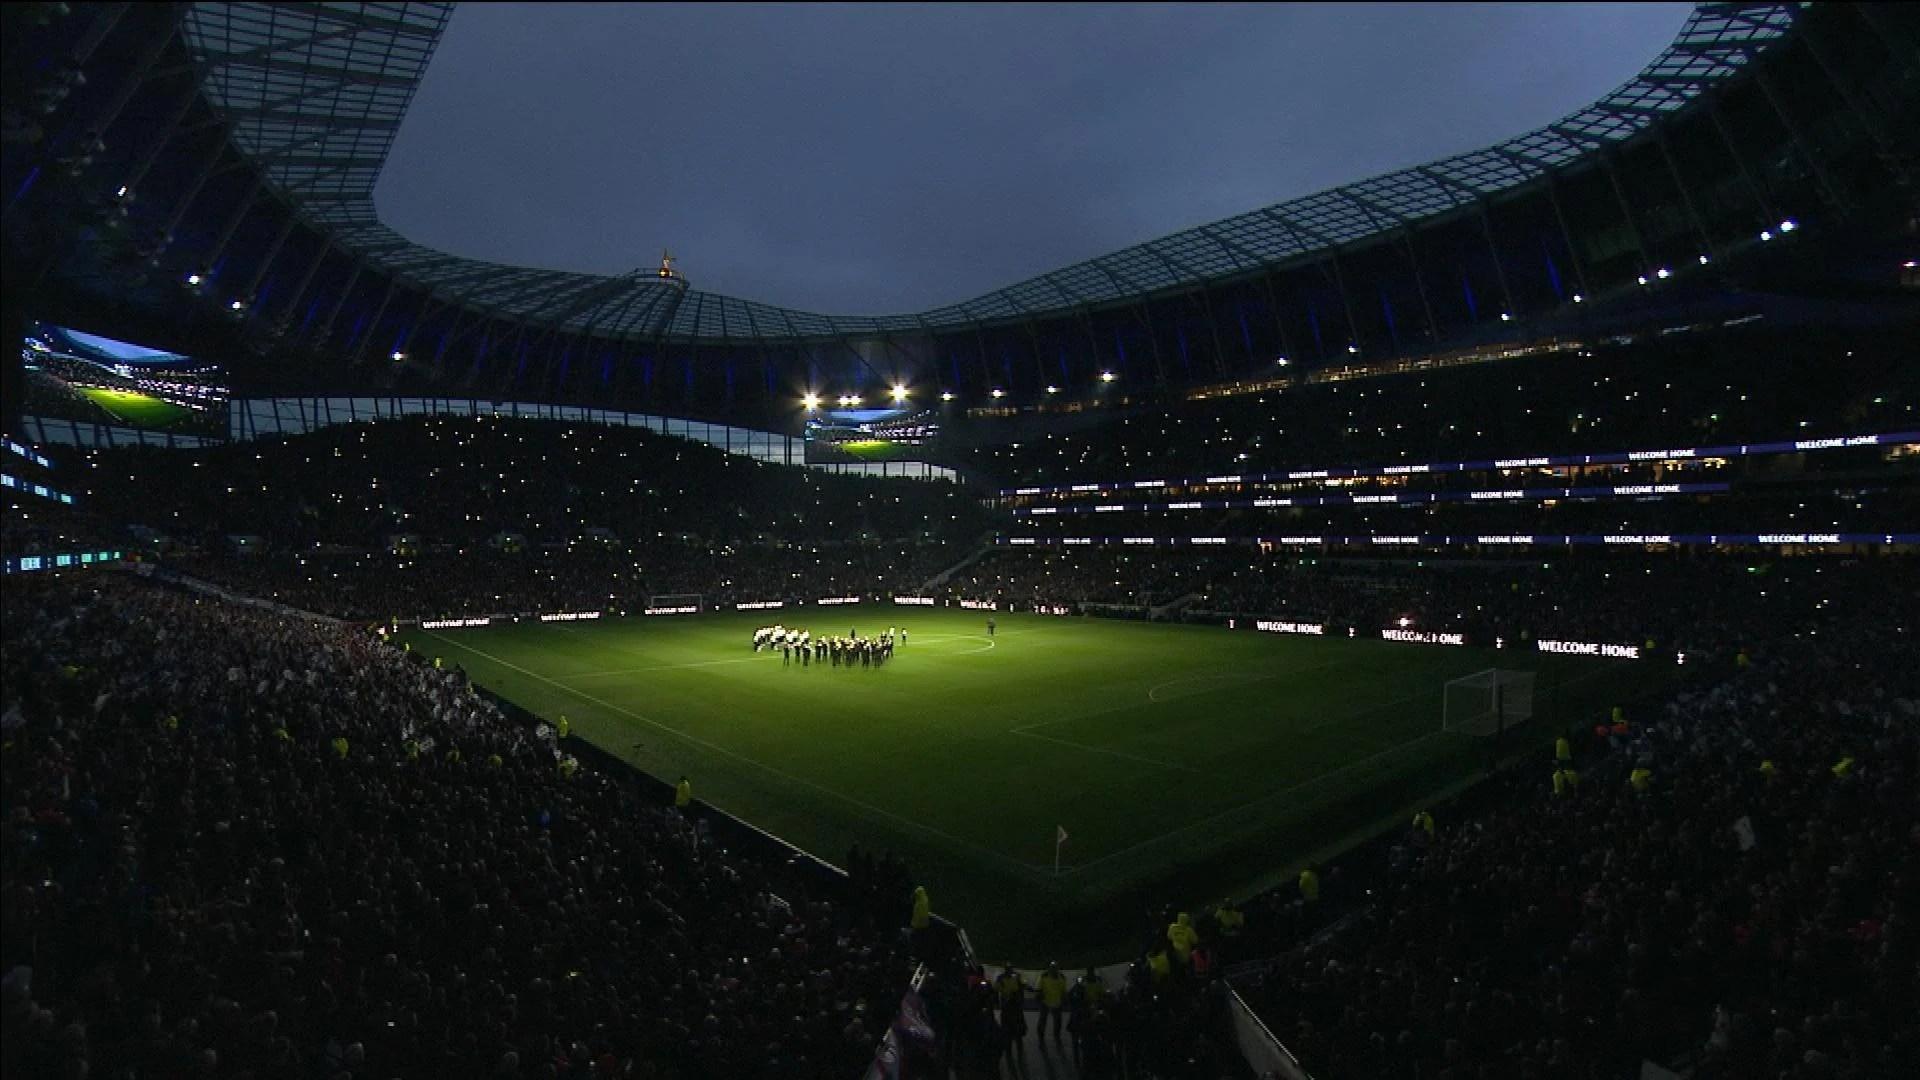 Tottenham Hotspur Stadium Wallpaper 4k